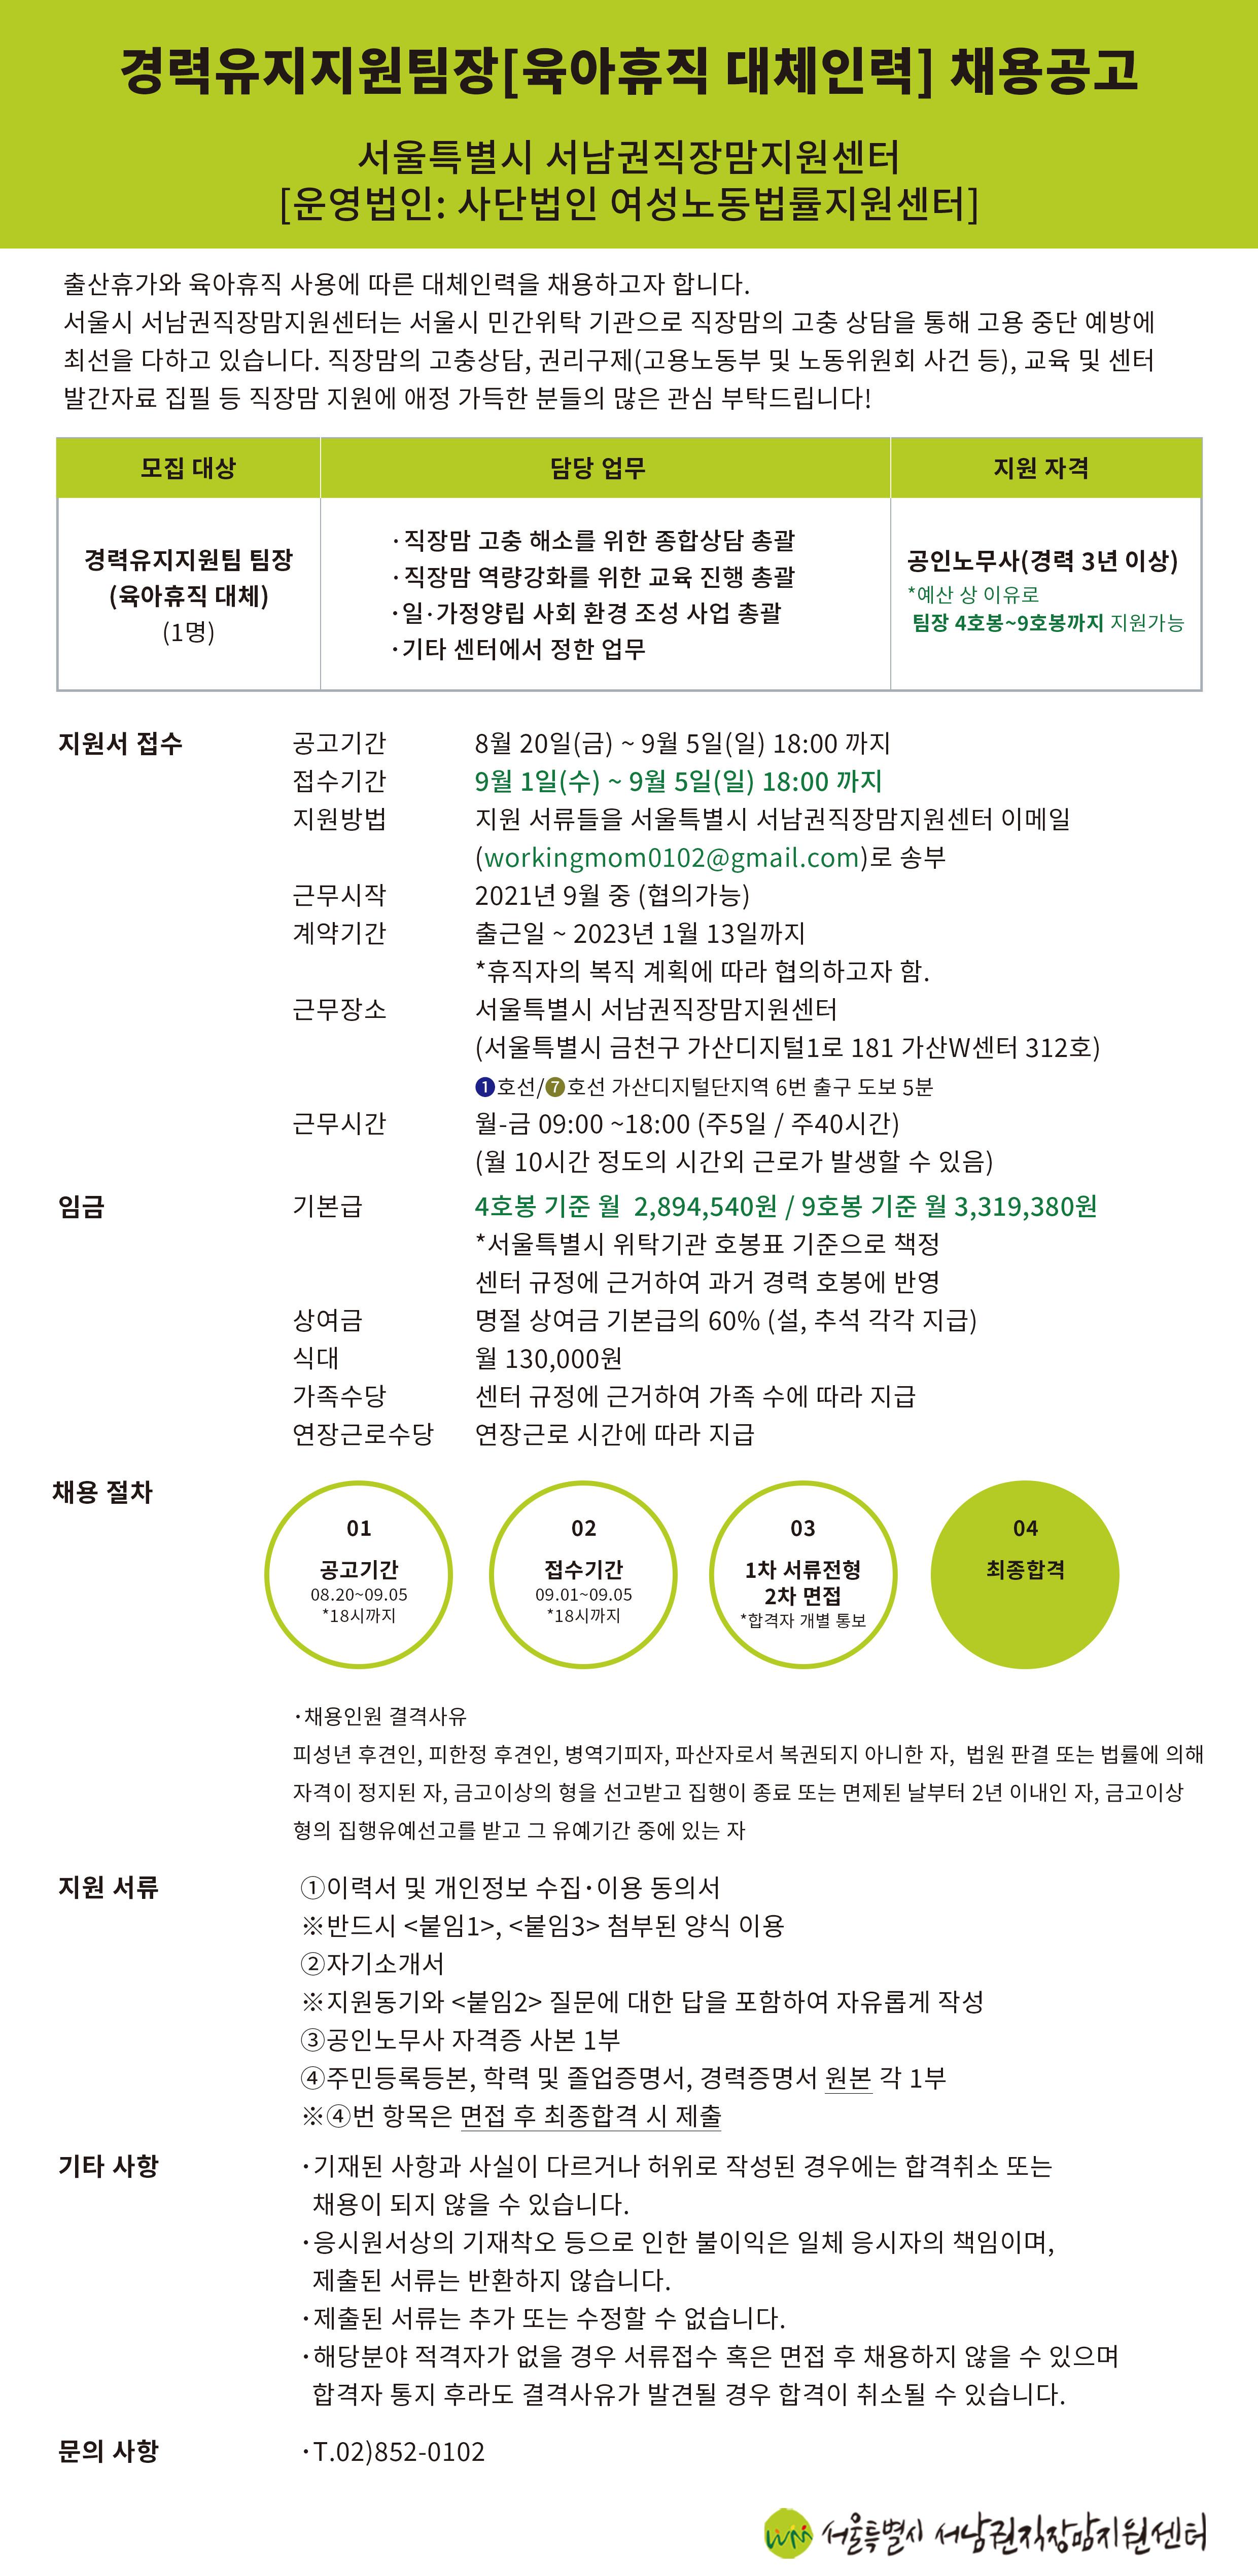 [채용]경력유지지원 팀장(육아휴직 대체인력) 모집